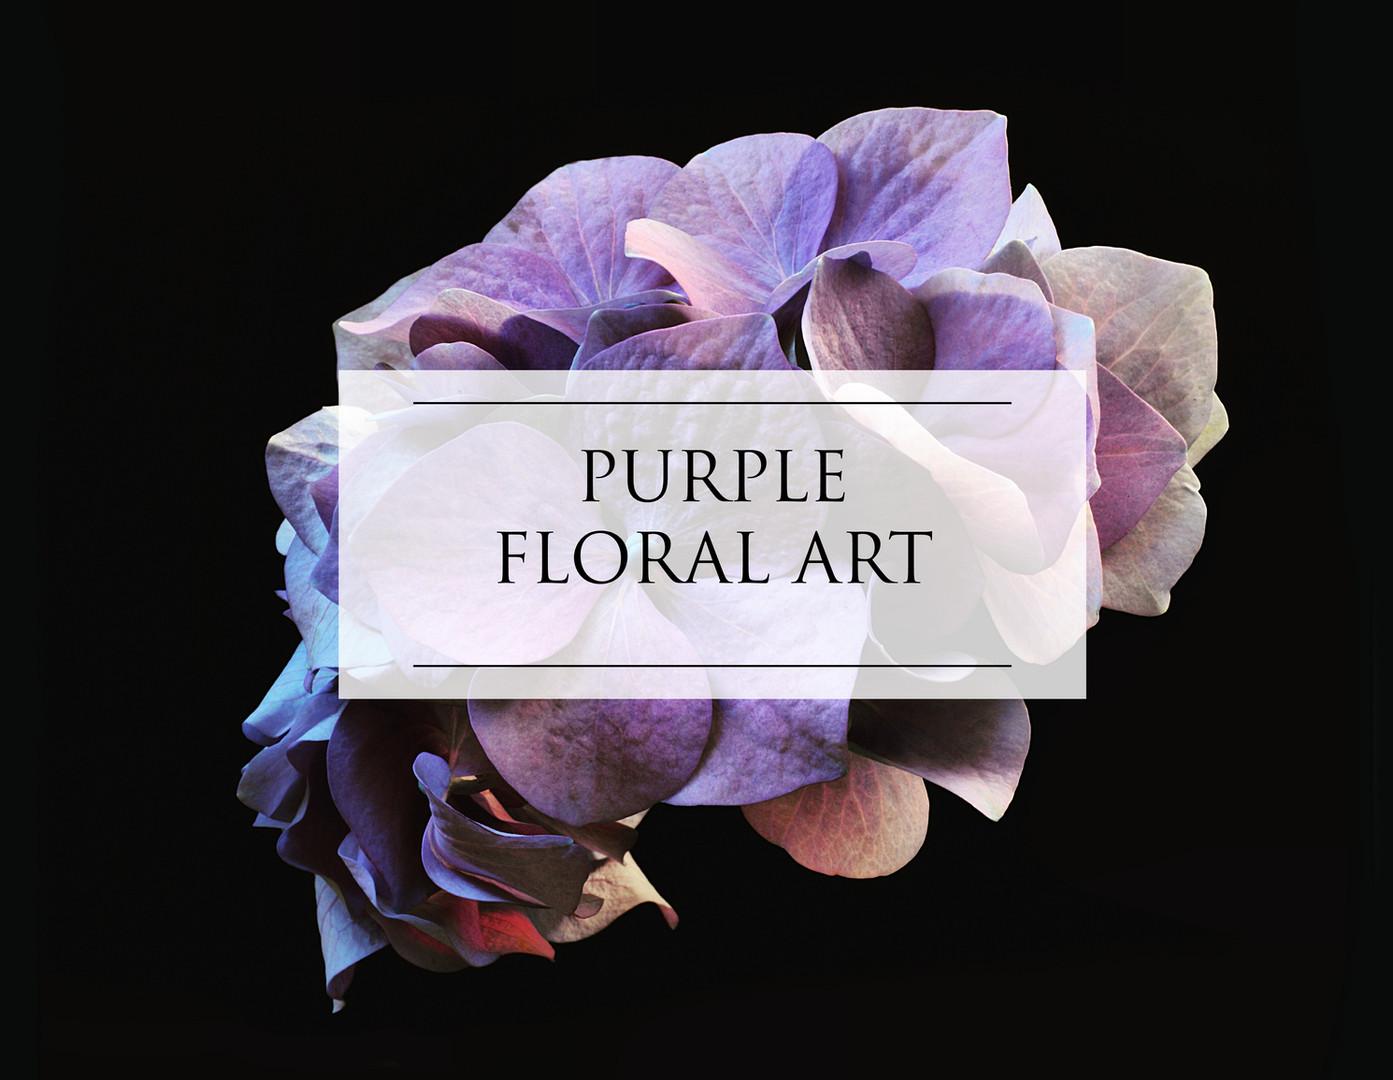 PURPLE FLORAL ART